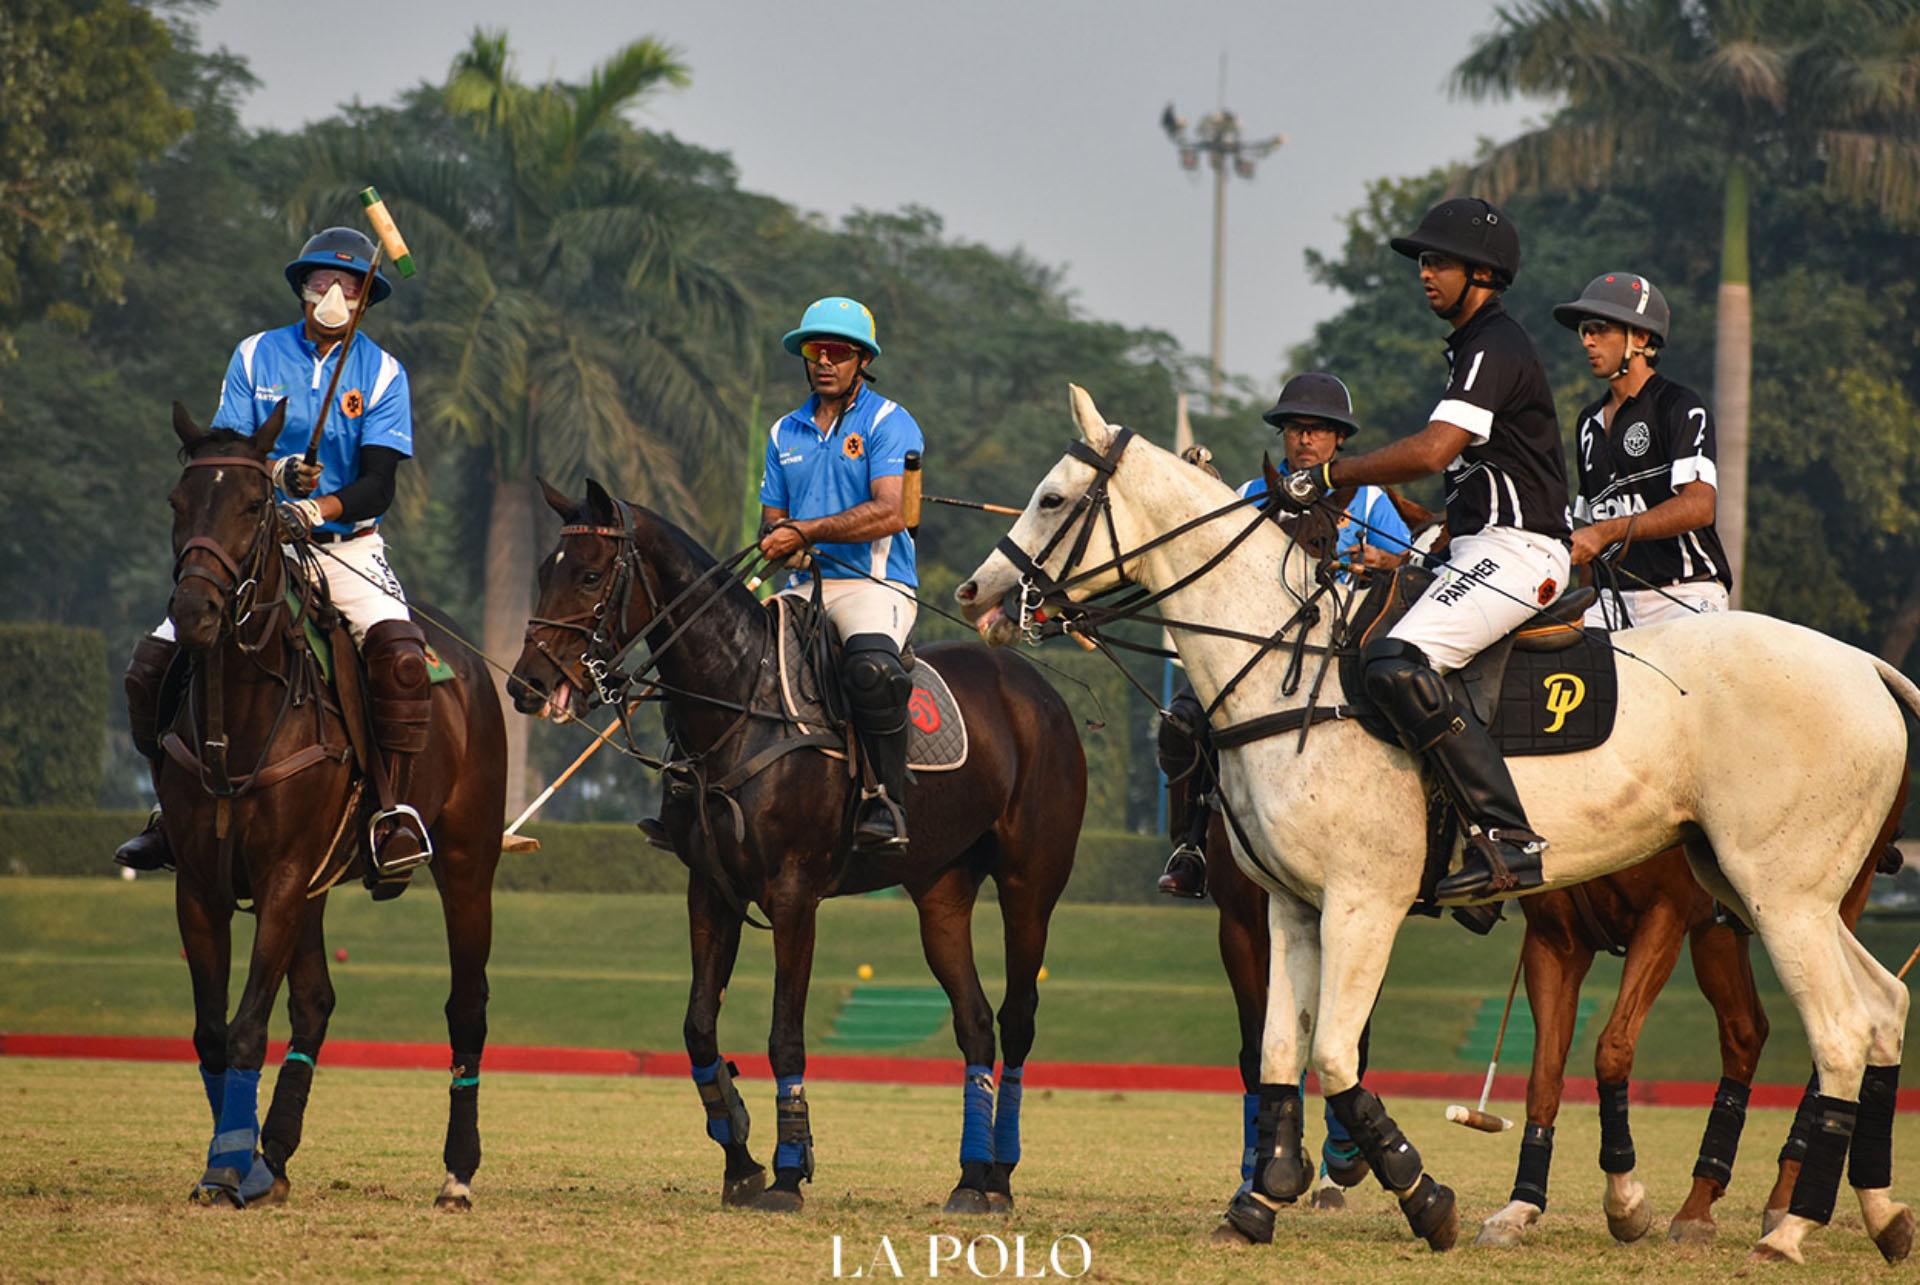 horse polo rules la polo